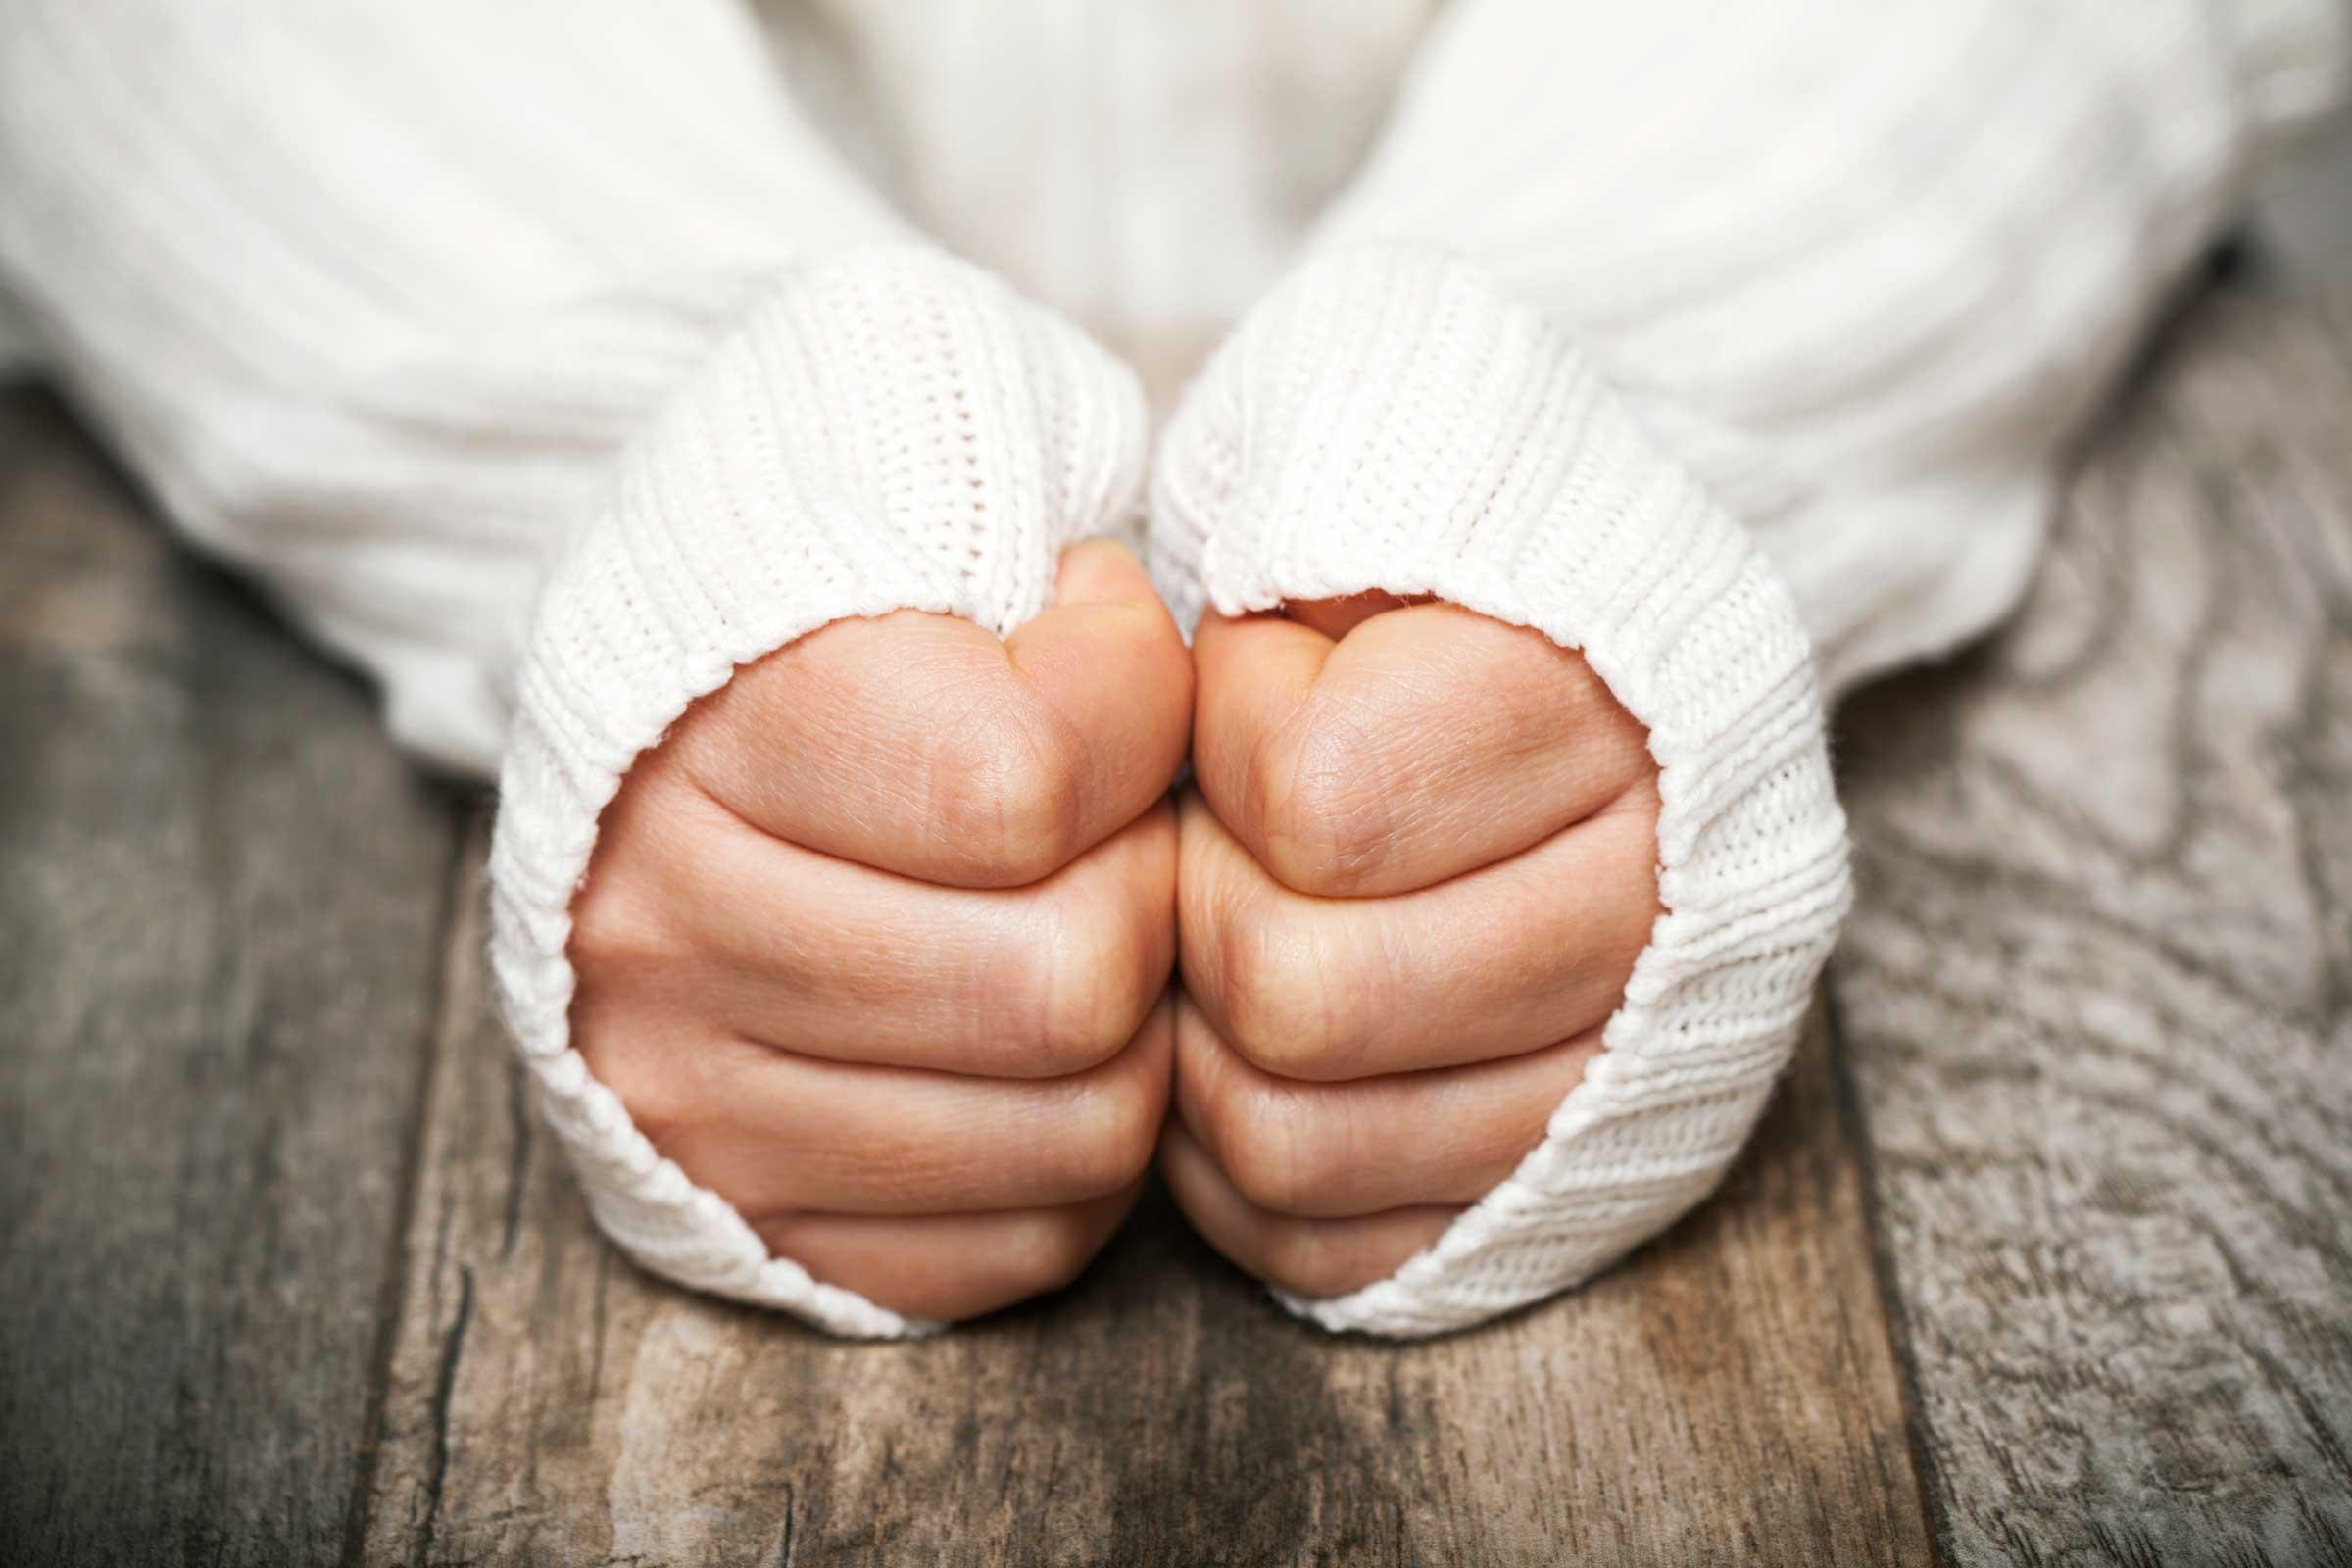 کاهش وزن با سرما,کاهش وزن با زمستان